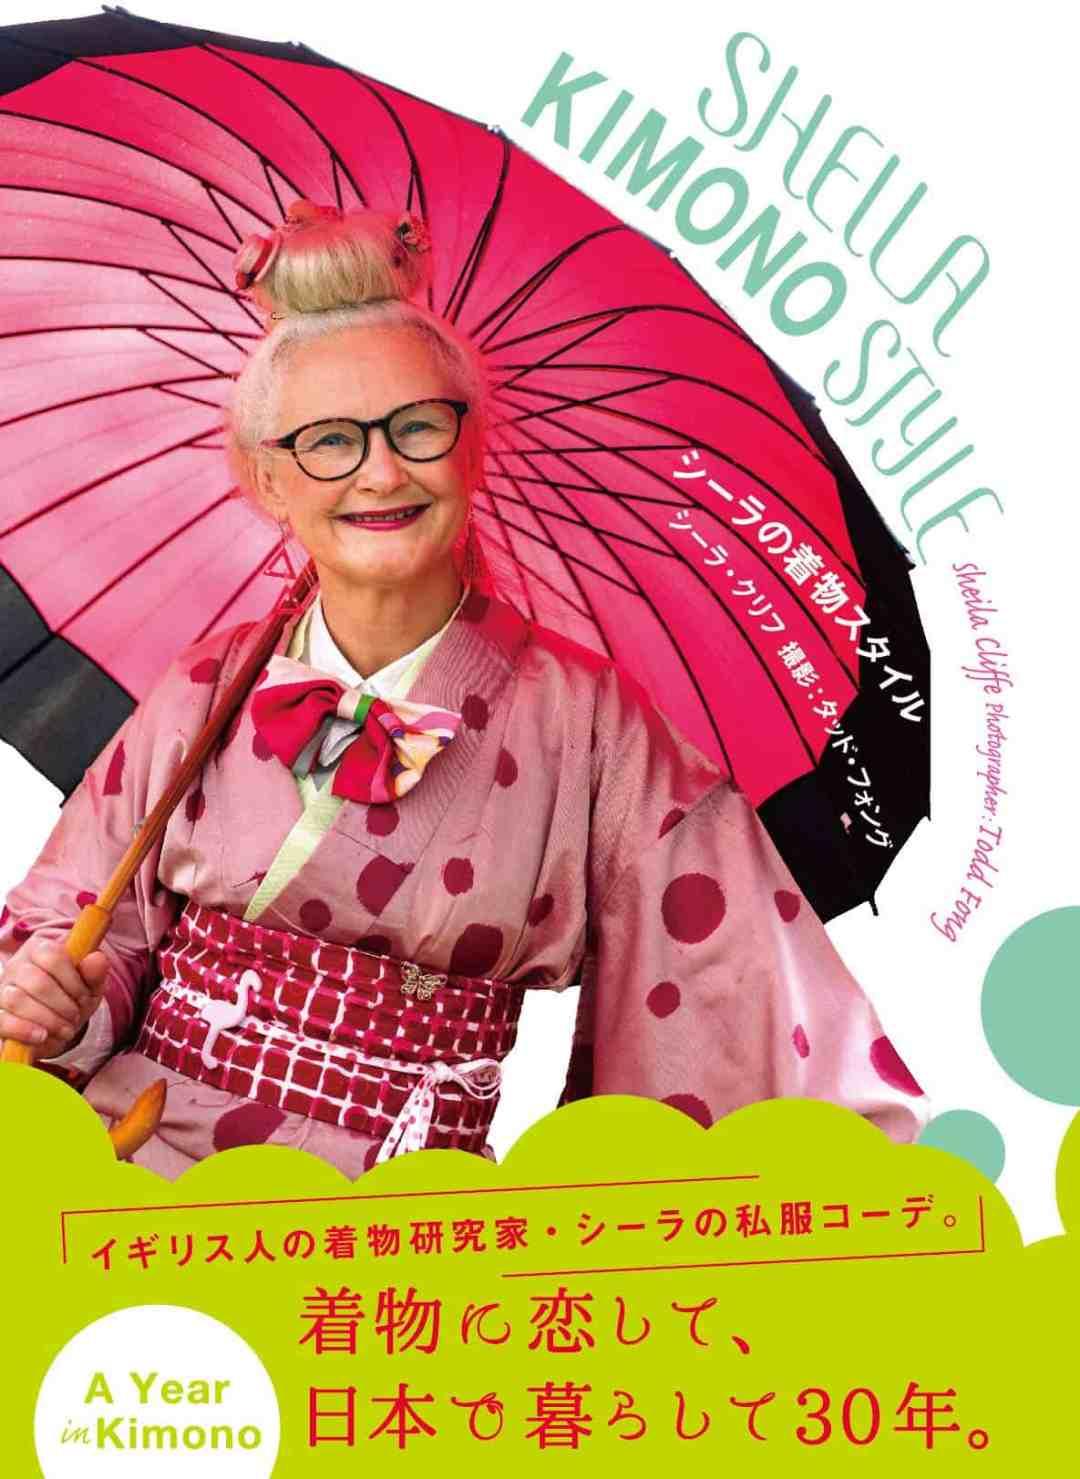 Sheila Kimono Style Book